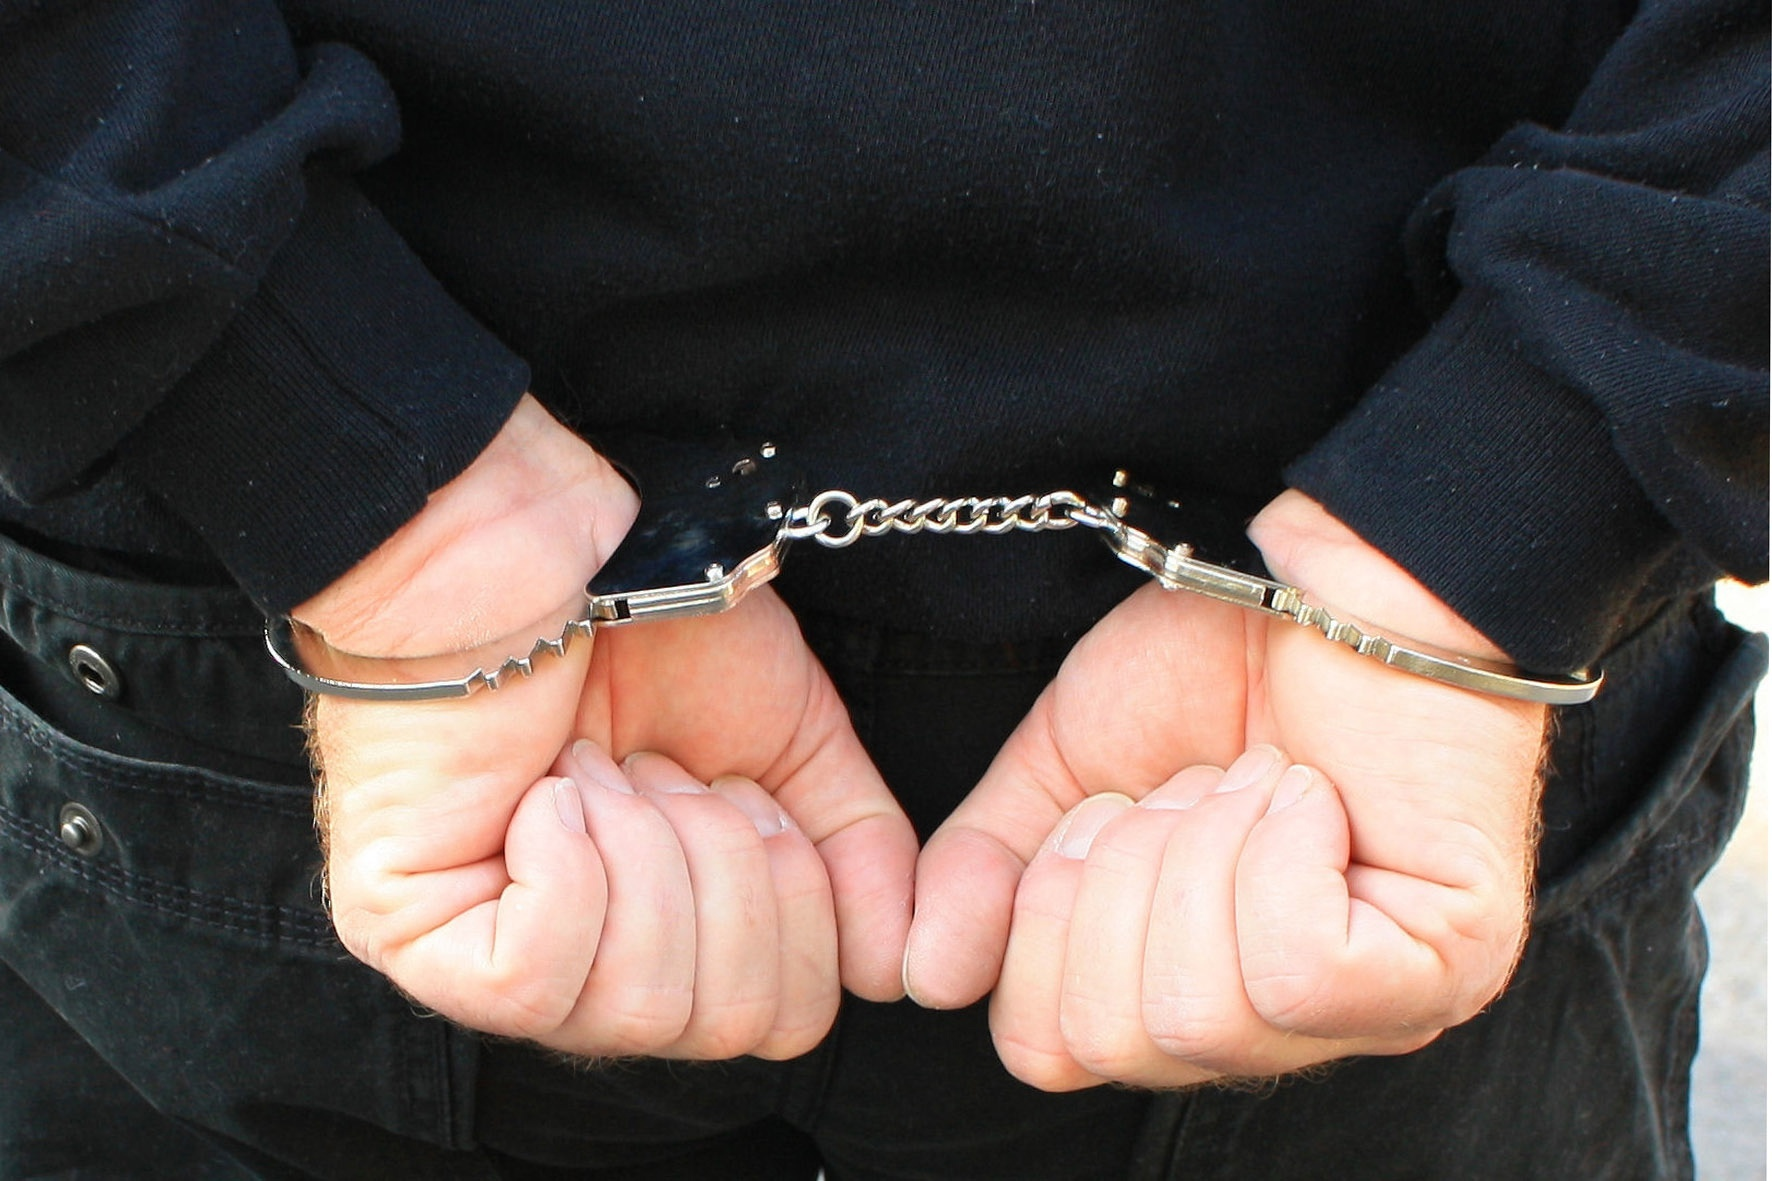 32-летнего можгинца подозревают в изнасилованииВ десять часов